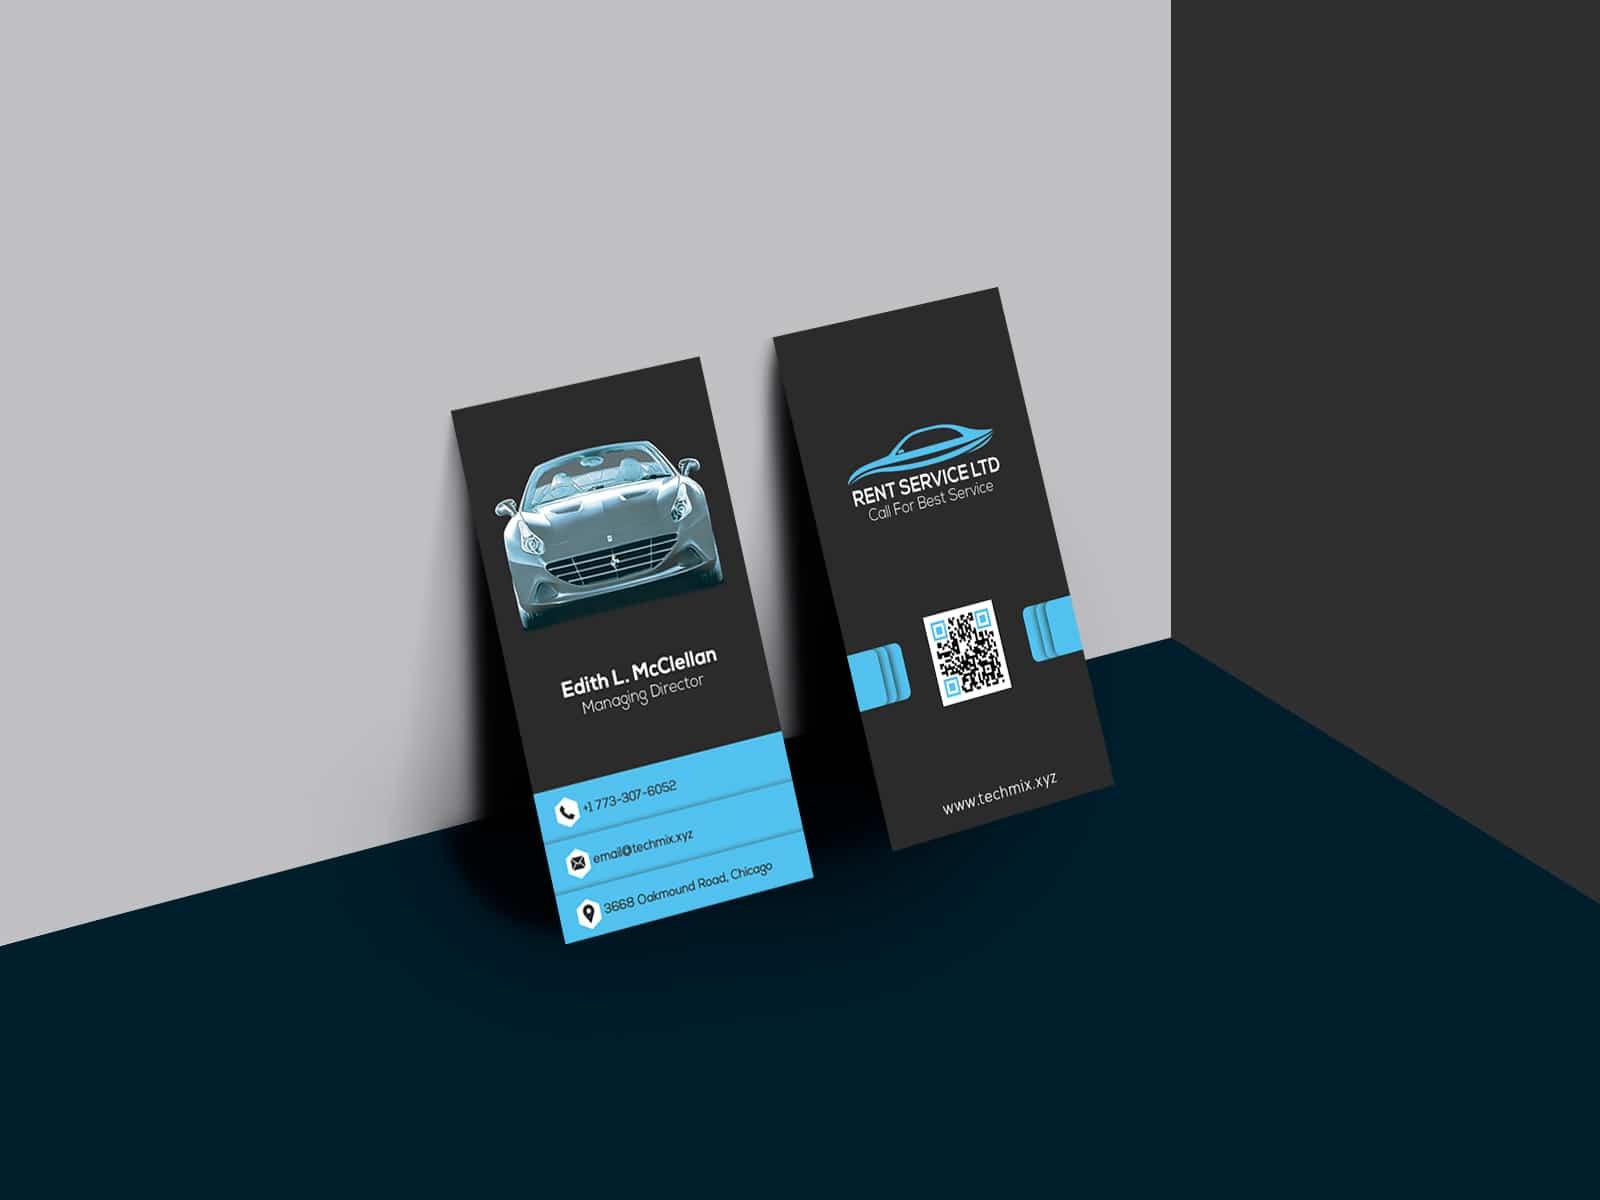 Rent a Car Vertical Business Card Design Template